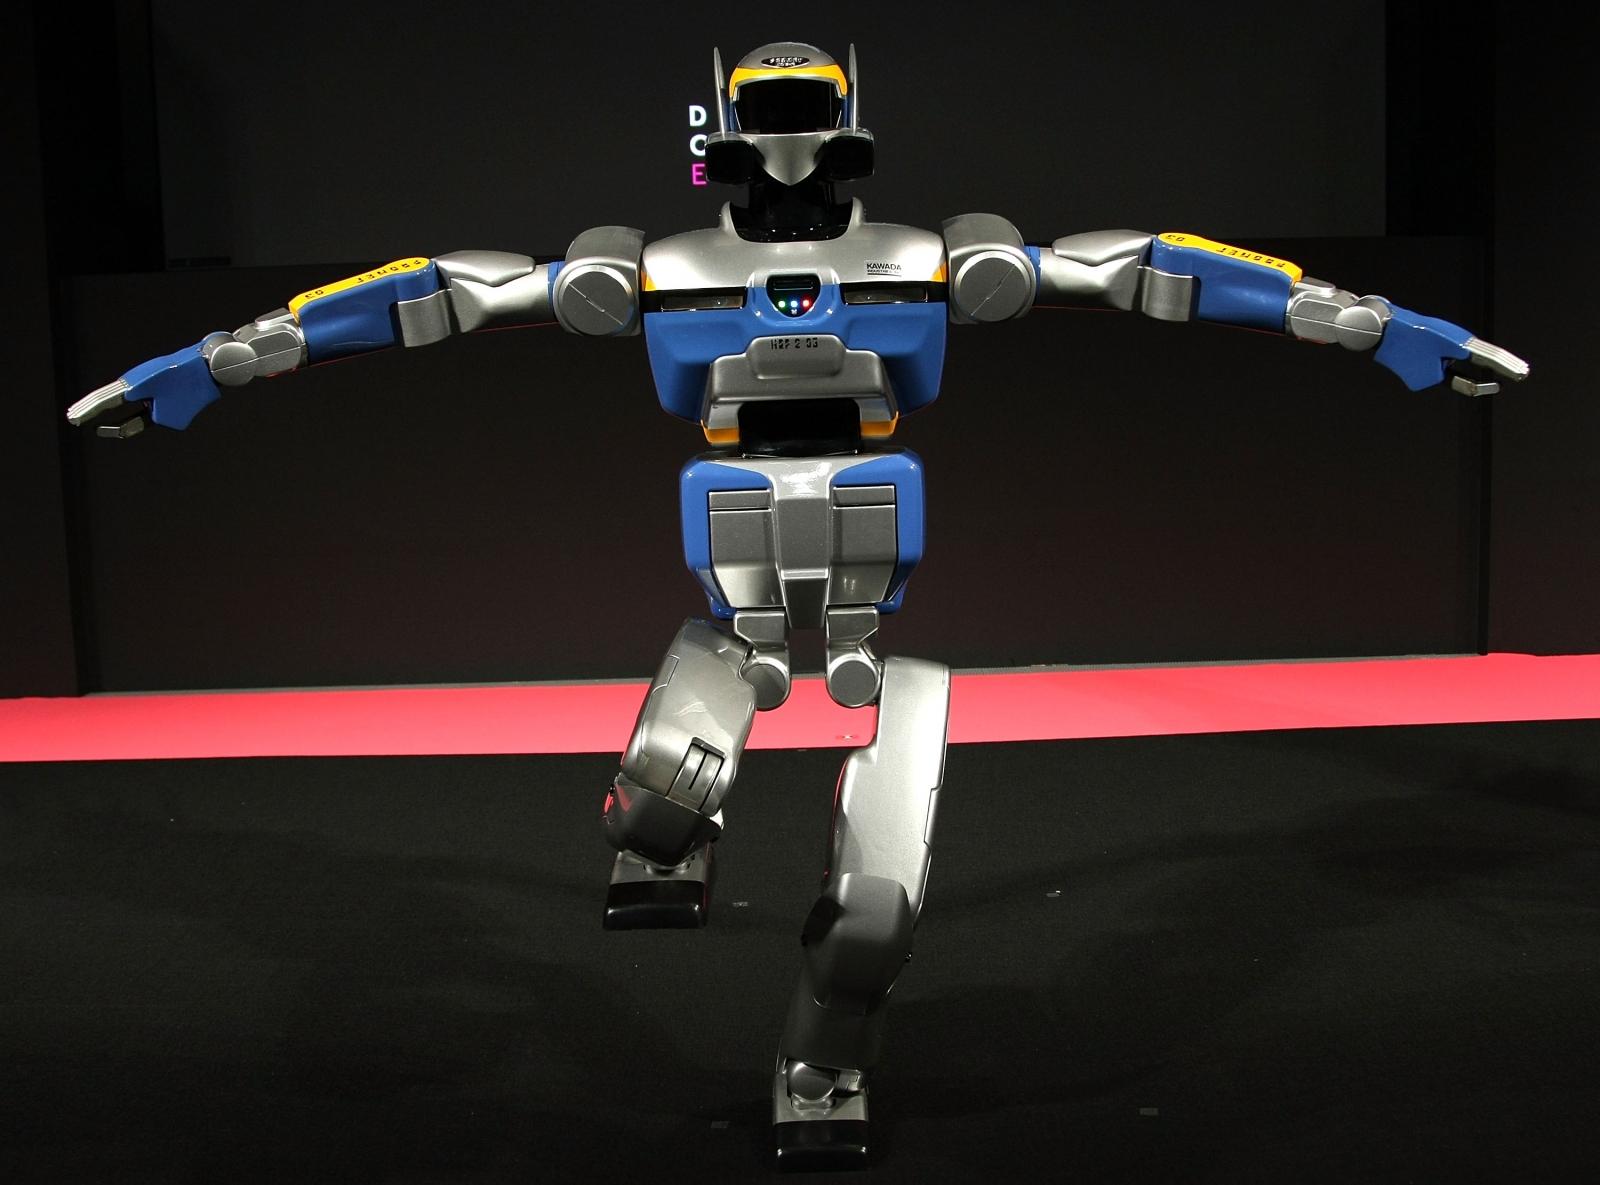 HRP-2 Promet humanoid robot